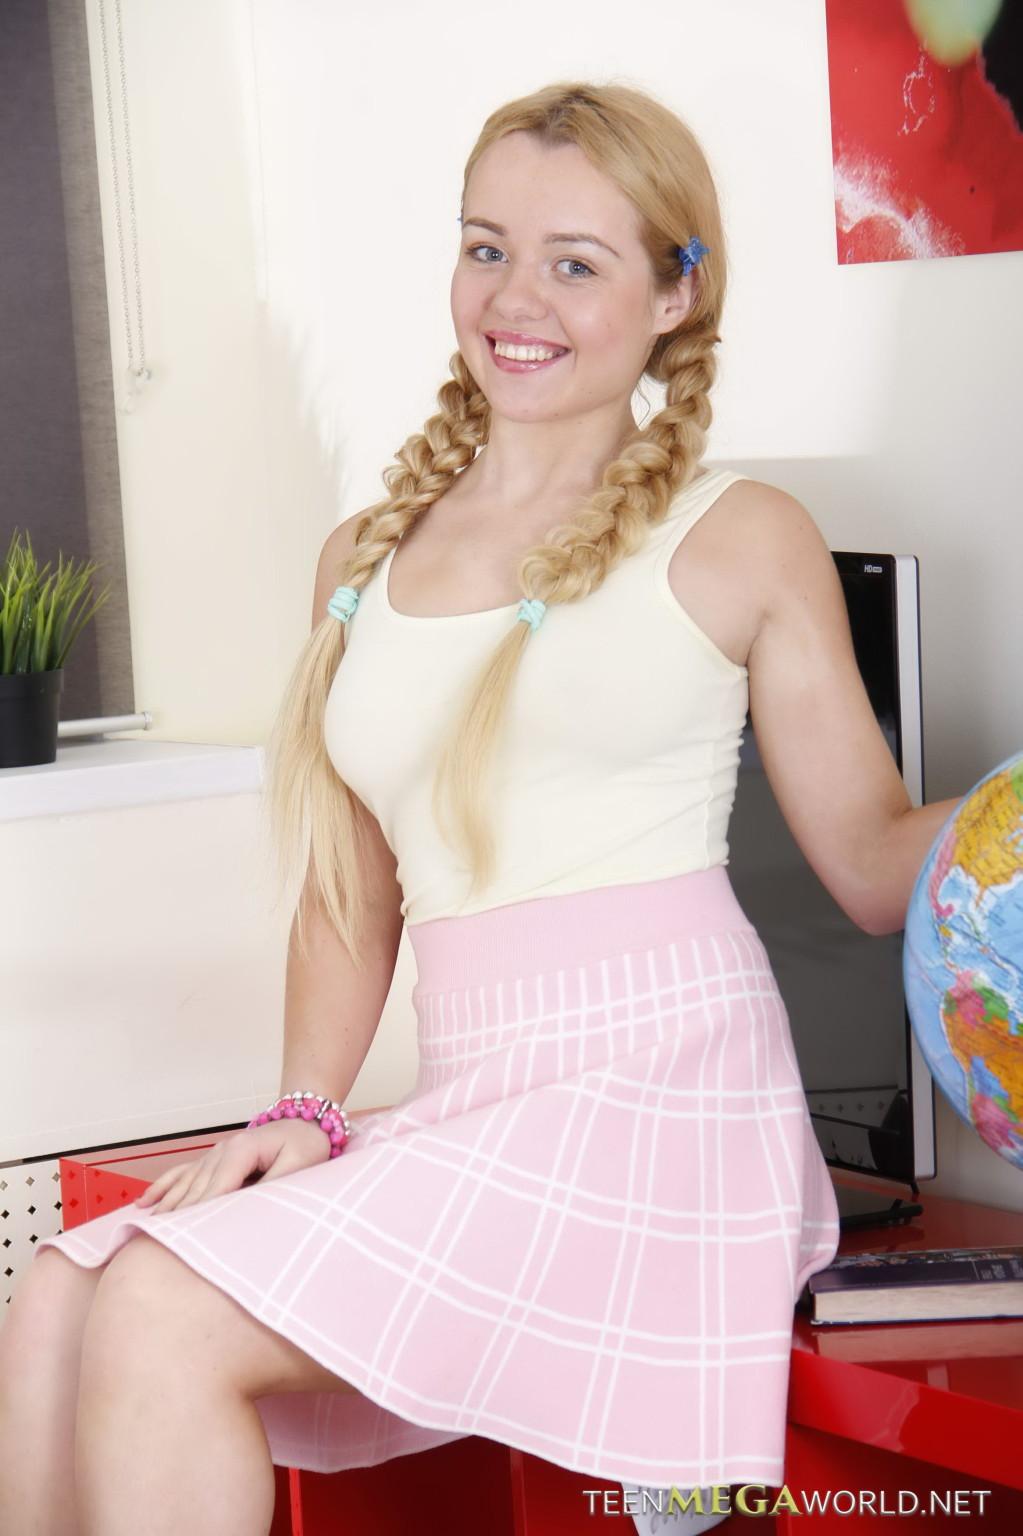 Cute Petite Teen Blonde Public